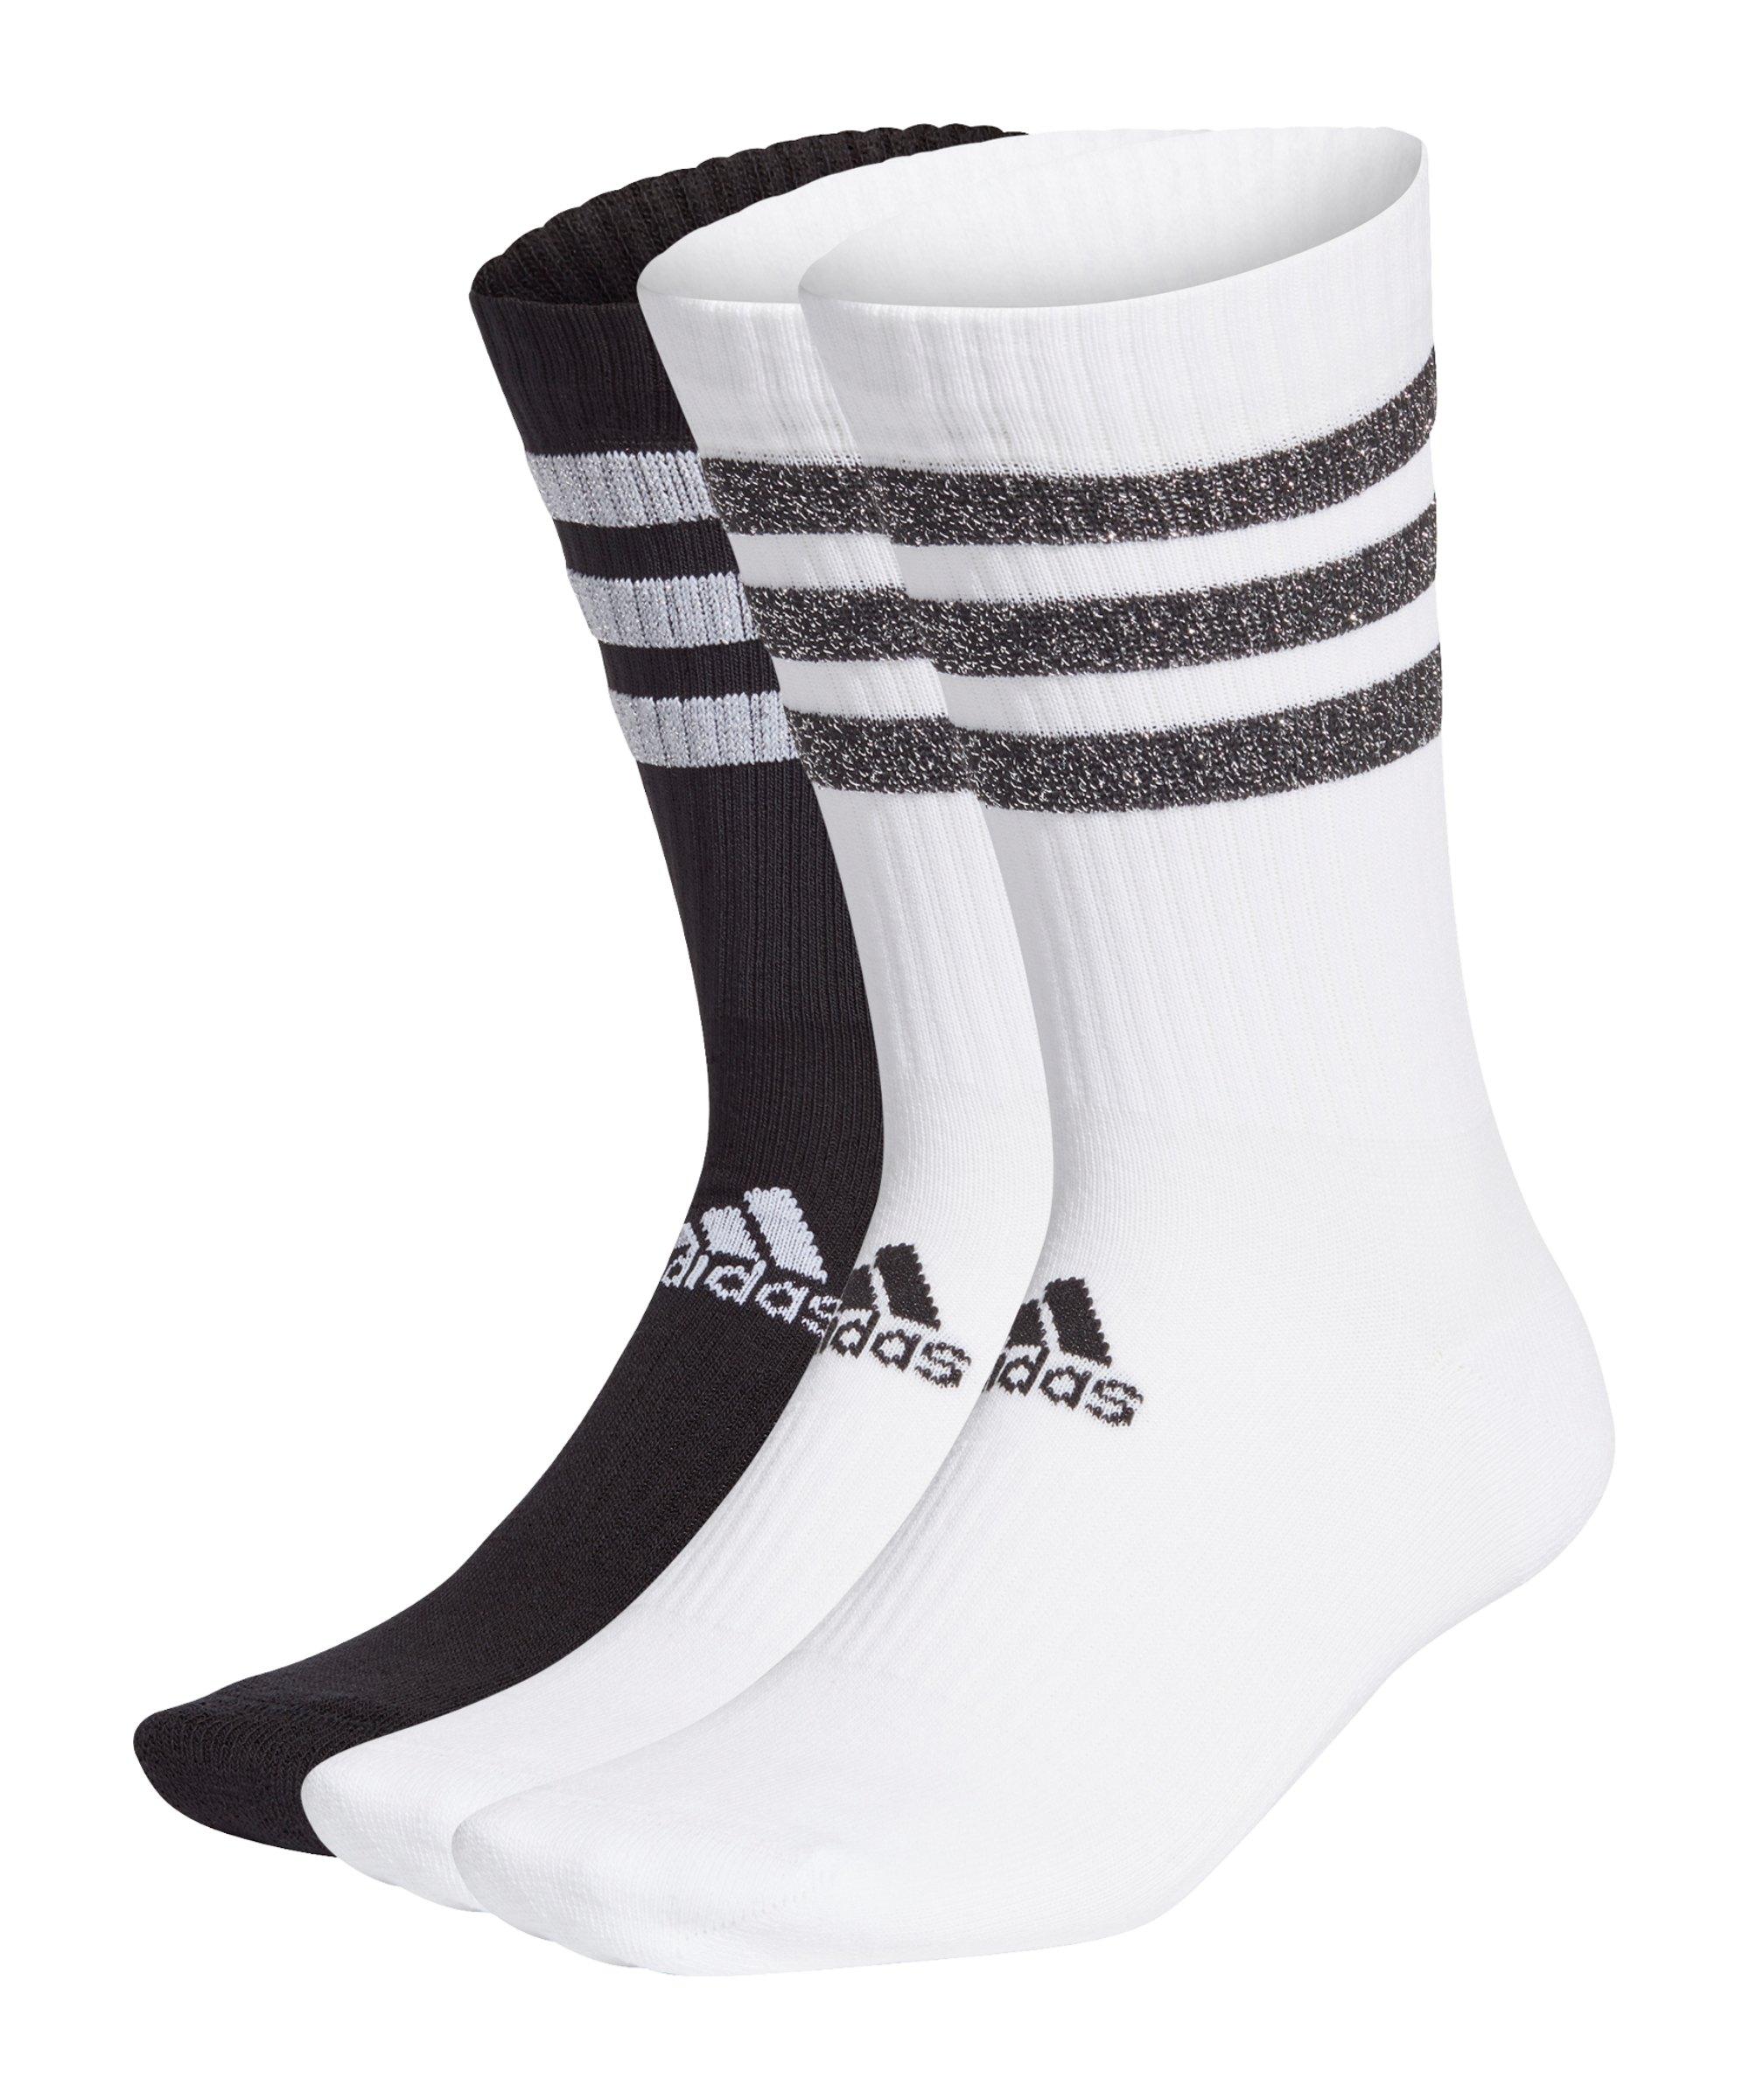 adidas 3S Glam Crew Socken Weiss Schwarz - weiss